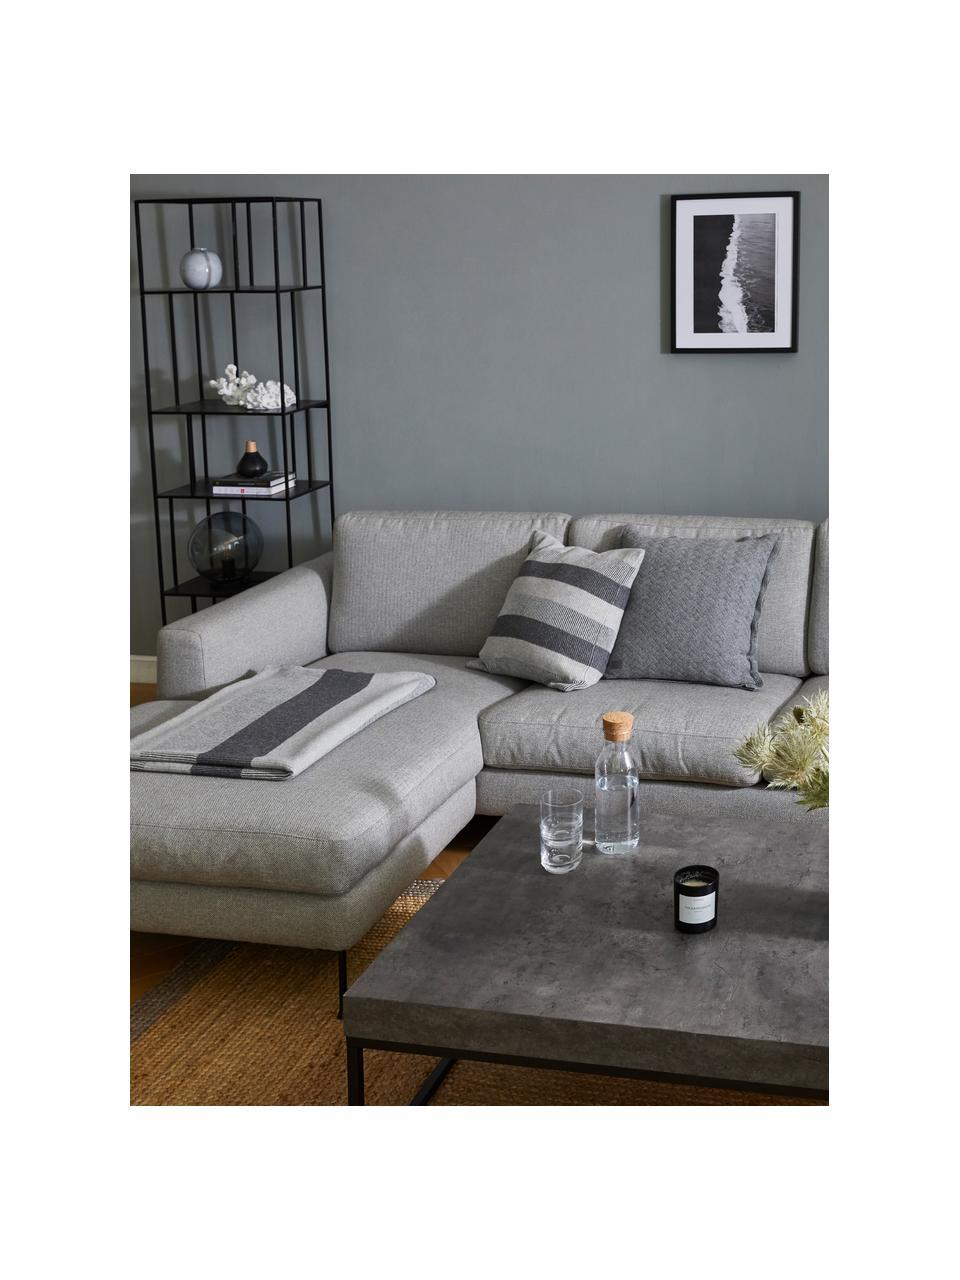 Sofa narożna z metalowymi nogami Cucita (4-osobowa), Tapicerka: tkanina (poliester) Dzięk, Nogi: metal lakierowany, Szary, S 302 x G 163 cm